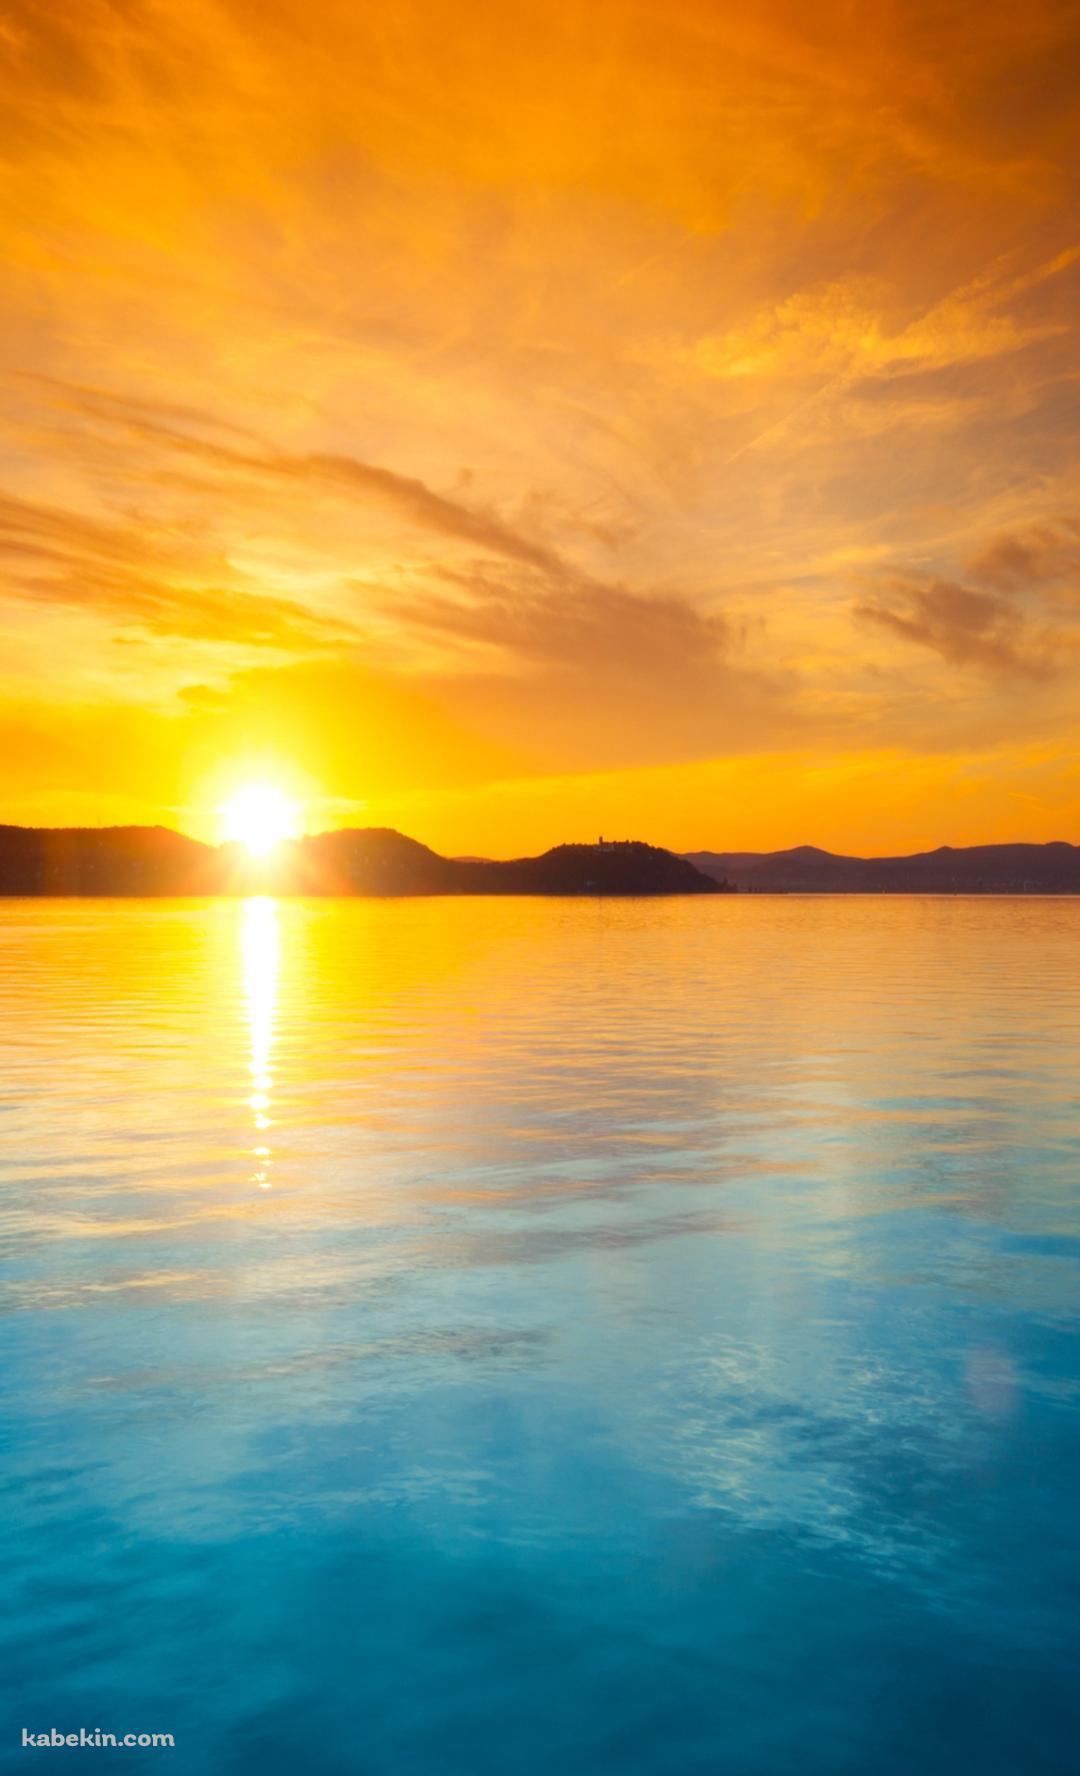 夕日と海のandroid壁紙 1080 X 1776 壁紙キングダム スマホ版